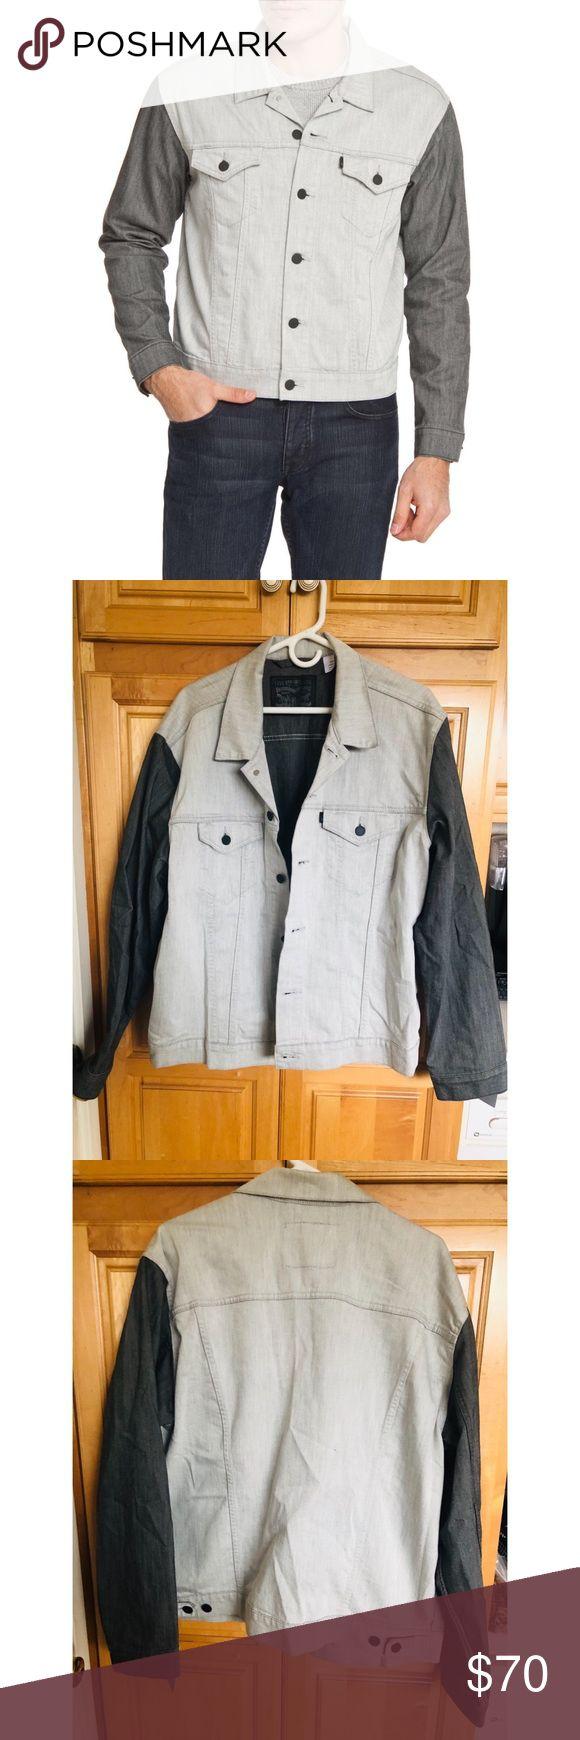 flash sale🔥levi's premium denim jacket mens nwt Premium